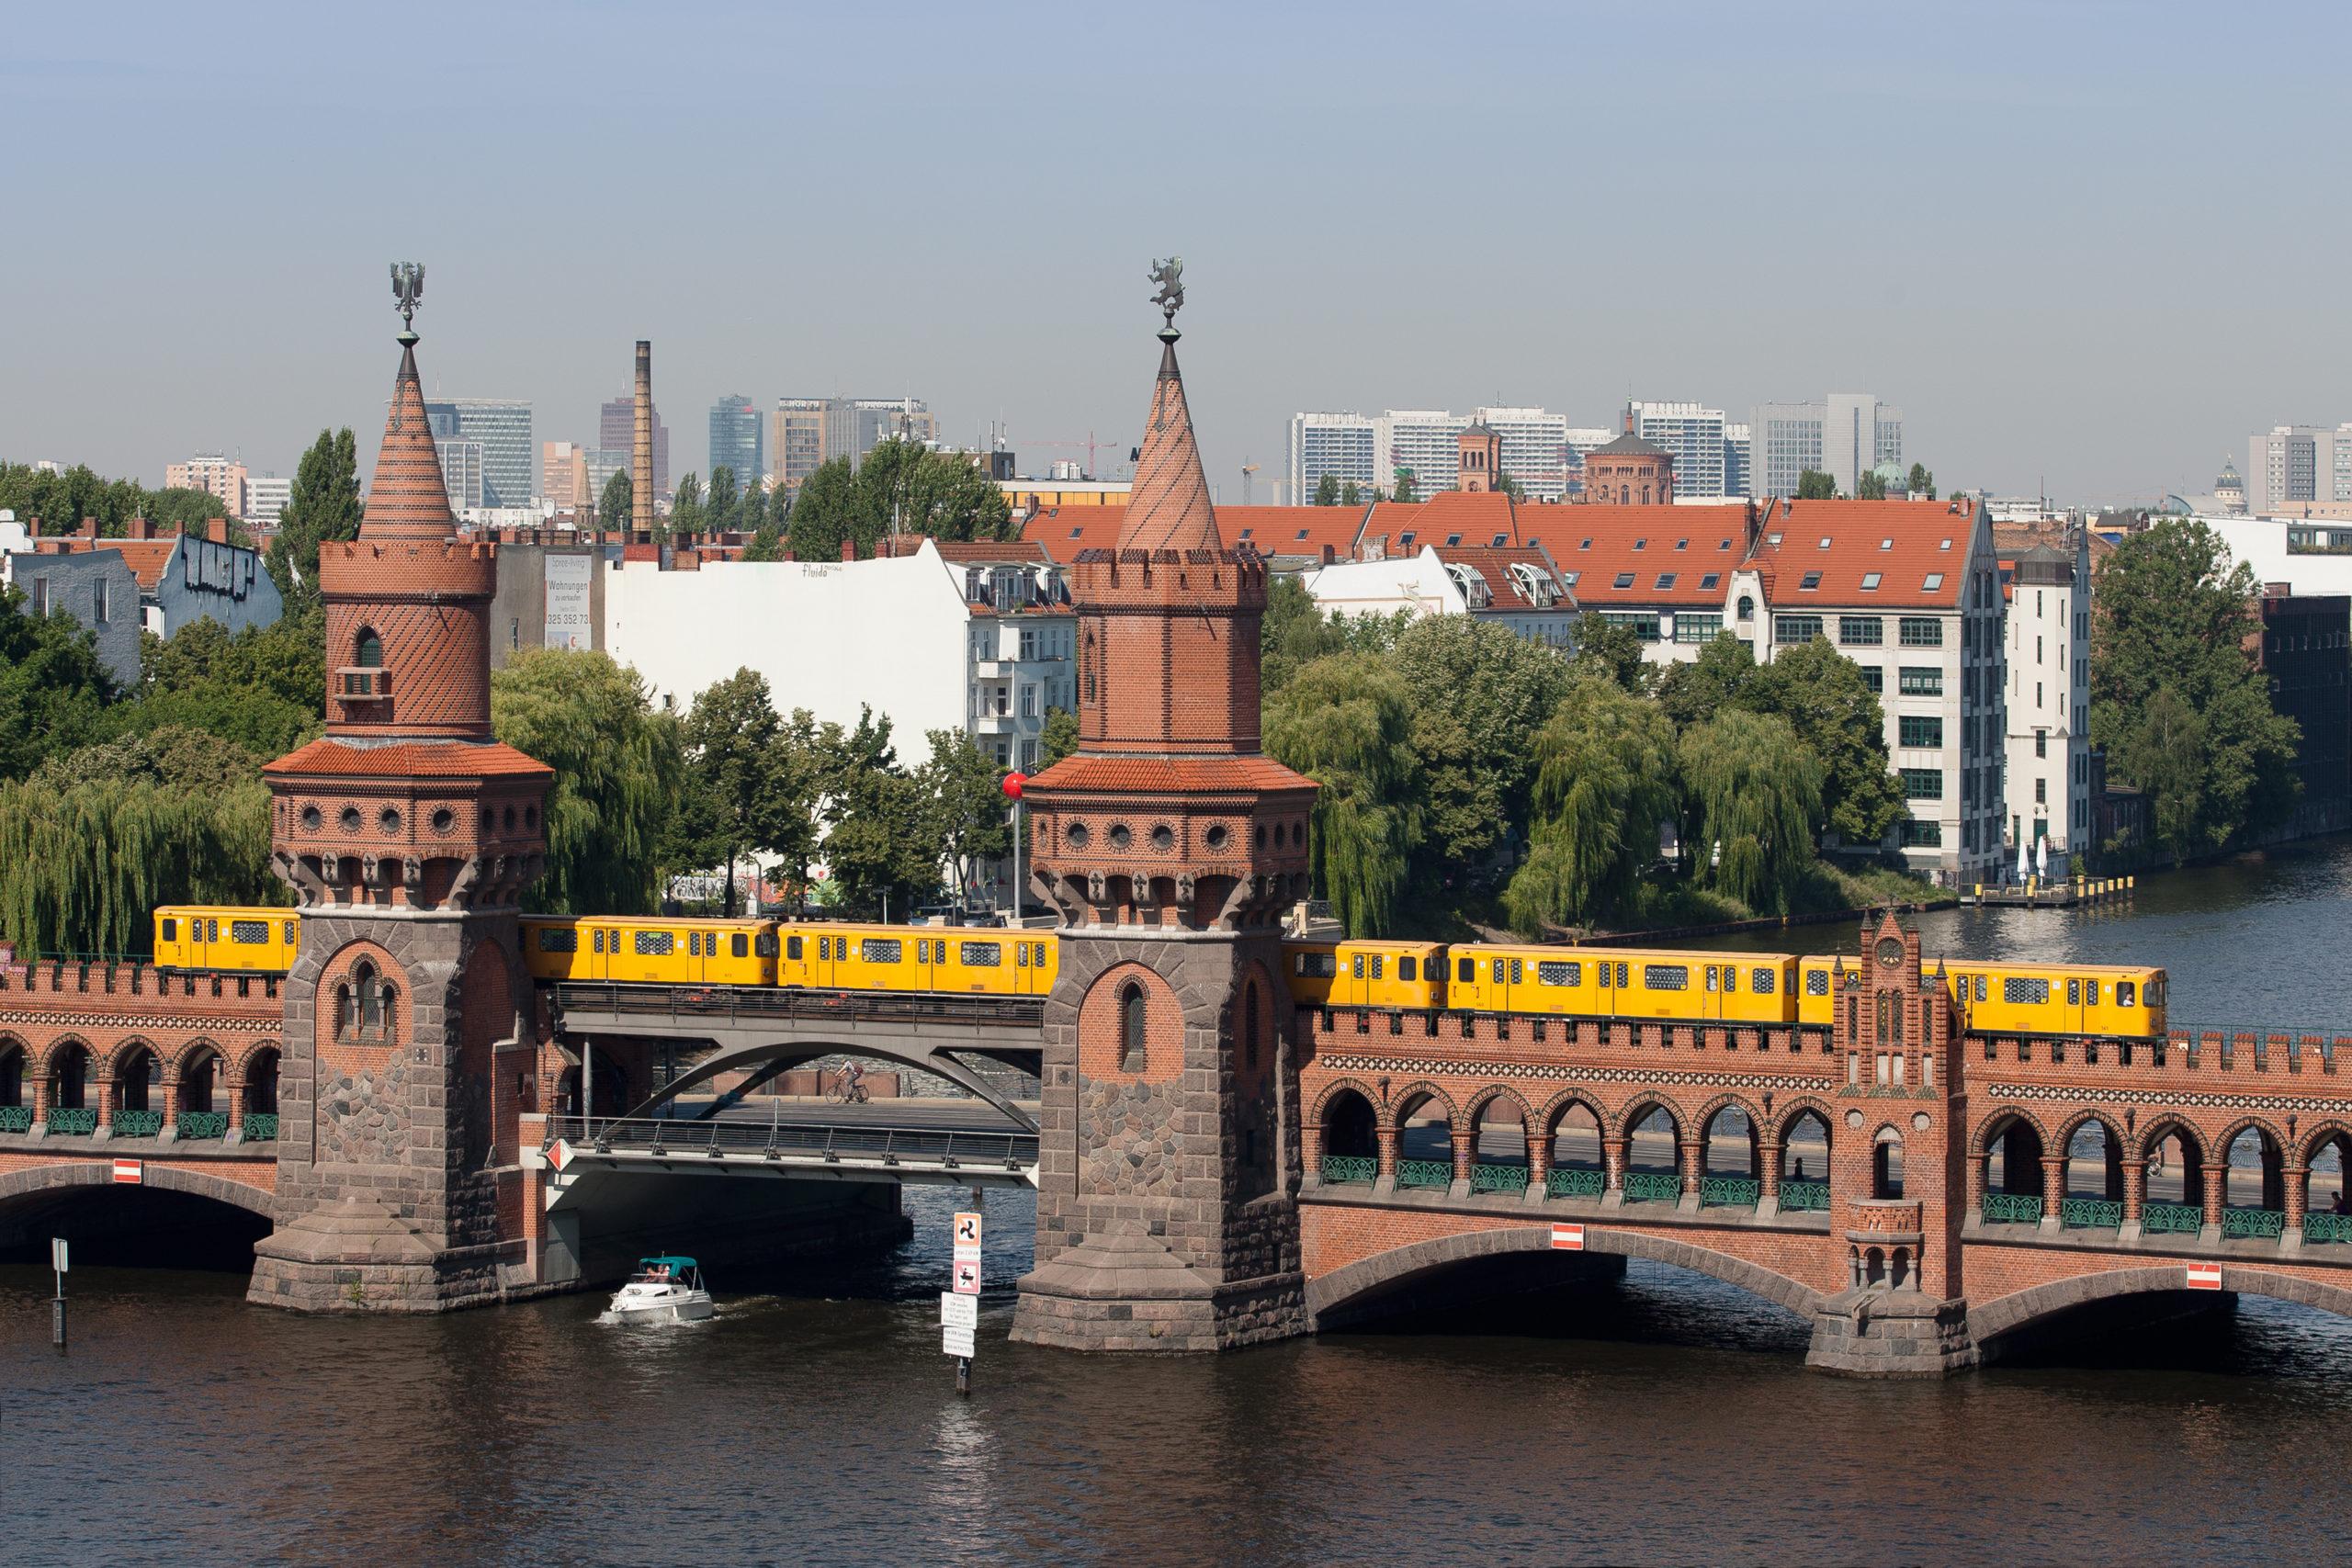 B Oberbaumbrücke